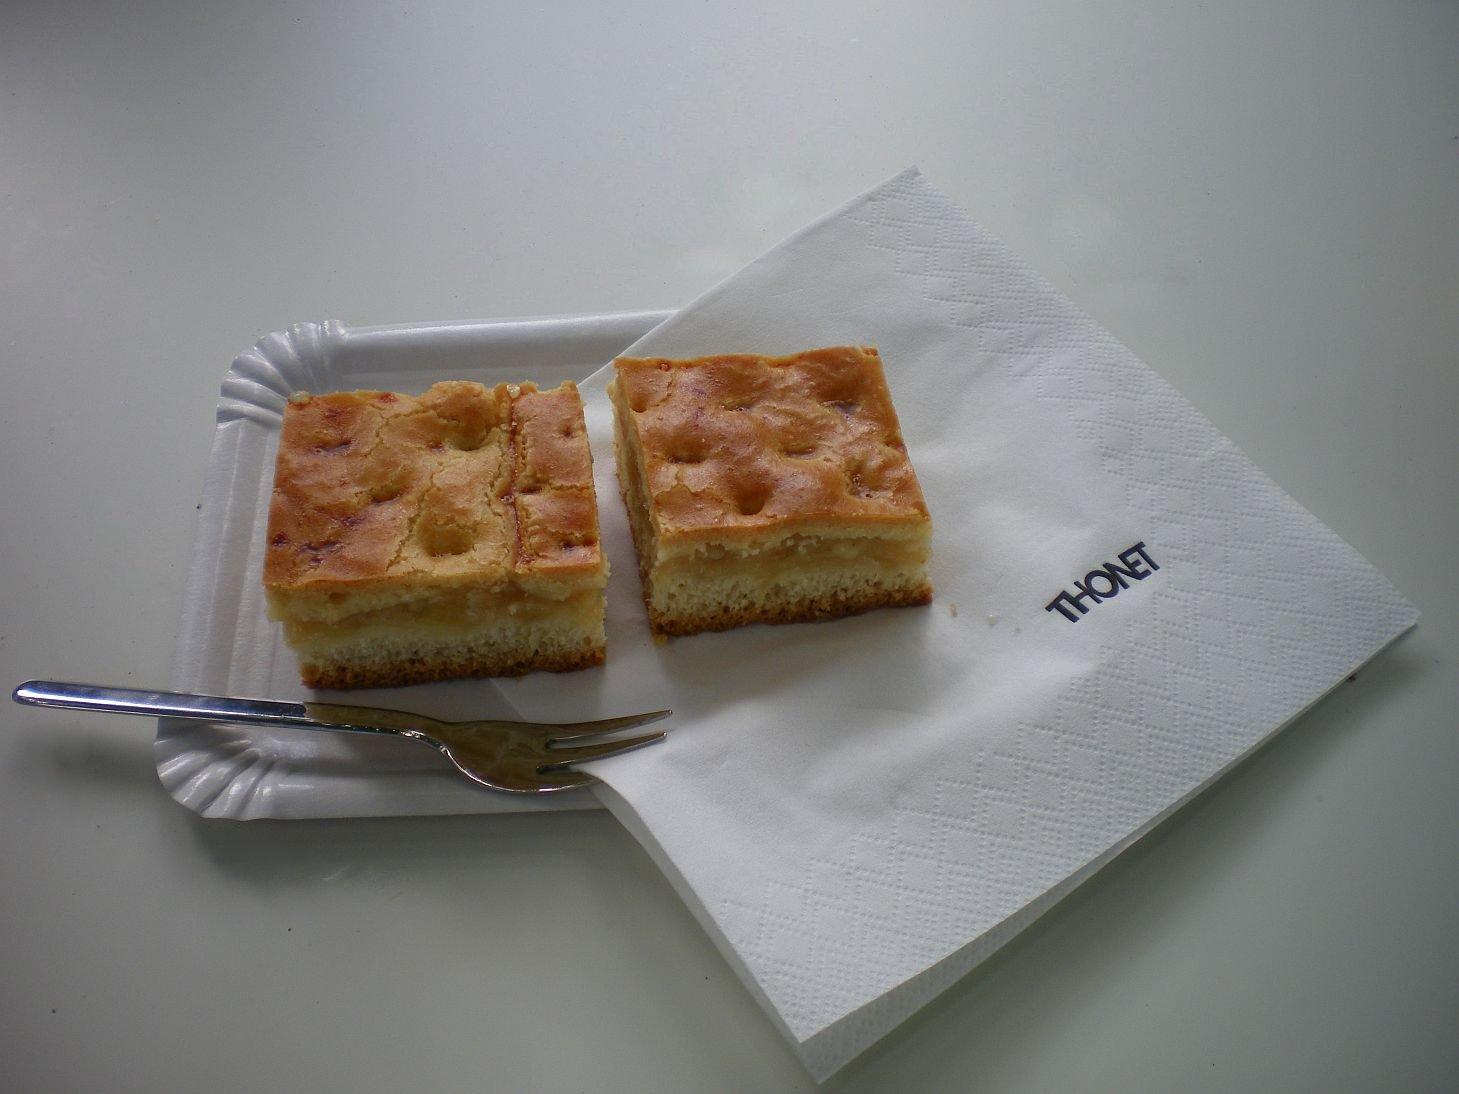 Apfelkuchen mit decke, Thonet, Thonet Wohnhaus, Frankenberg